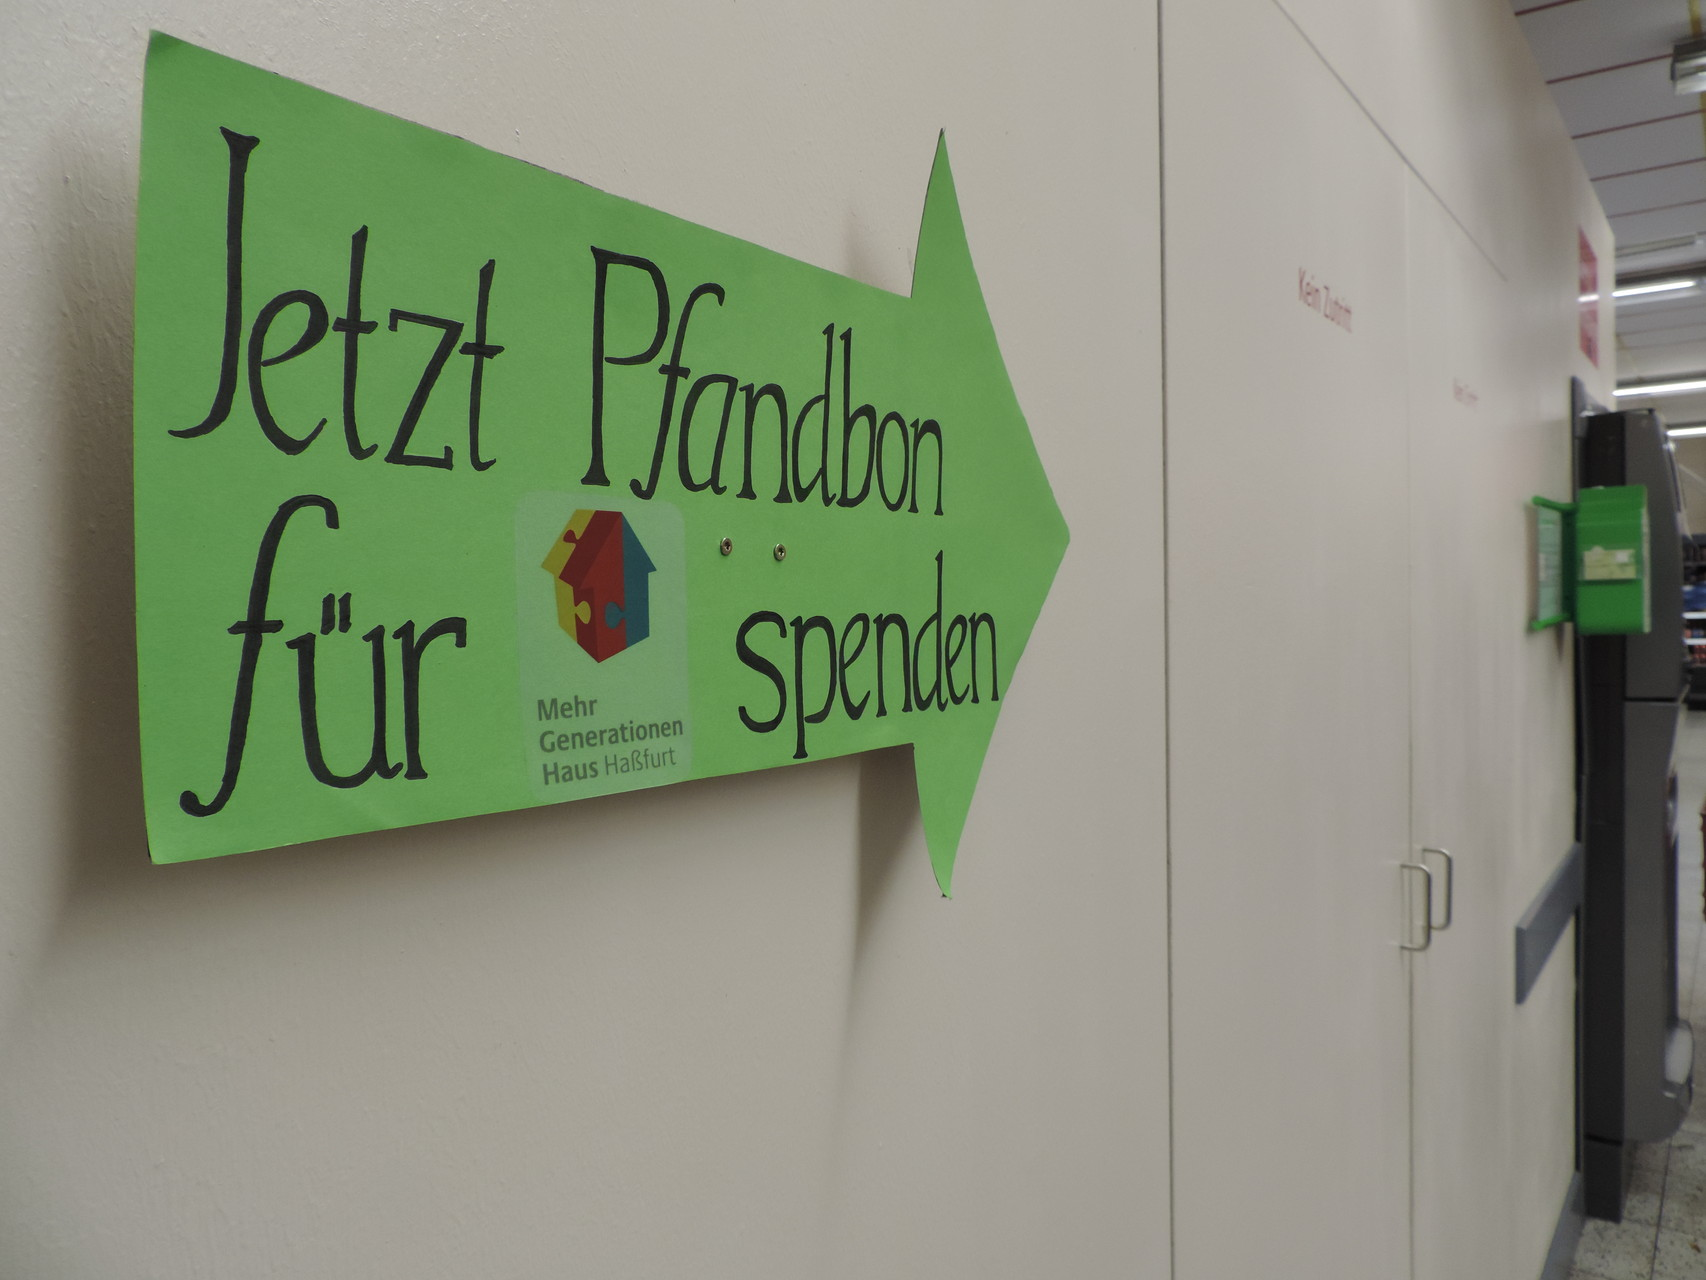 Genau, unterstützt unseren Kooperationspartner - das MGH Haßfurt! :)